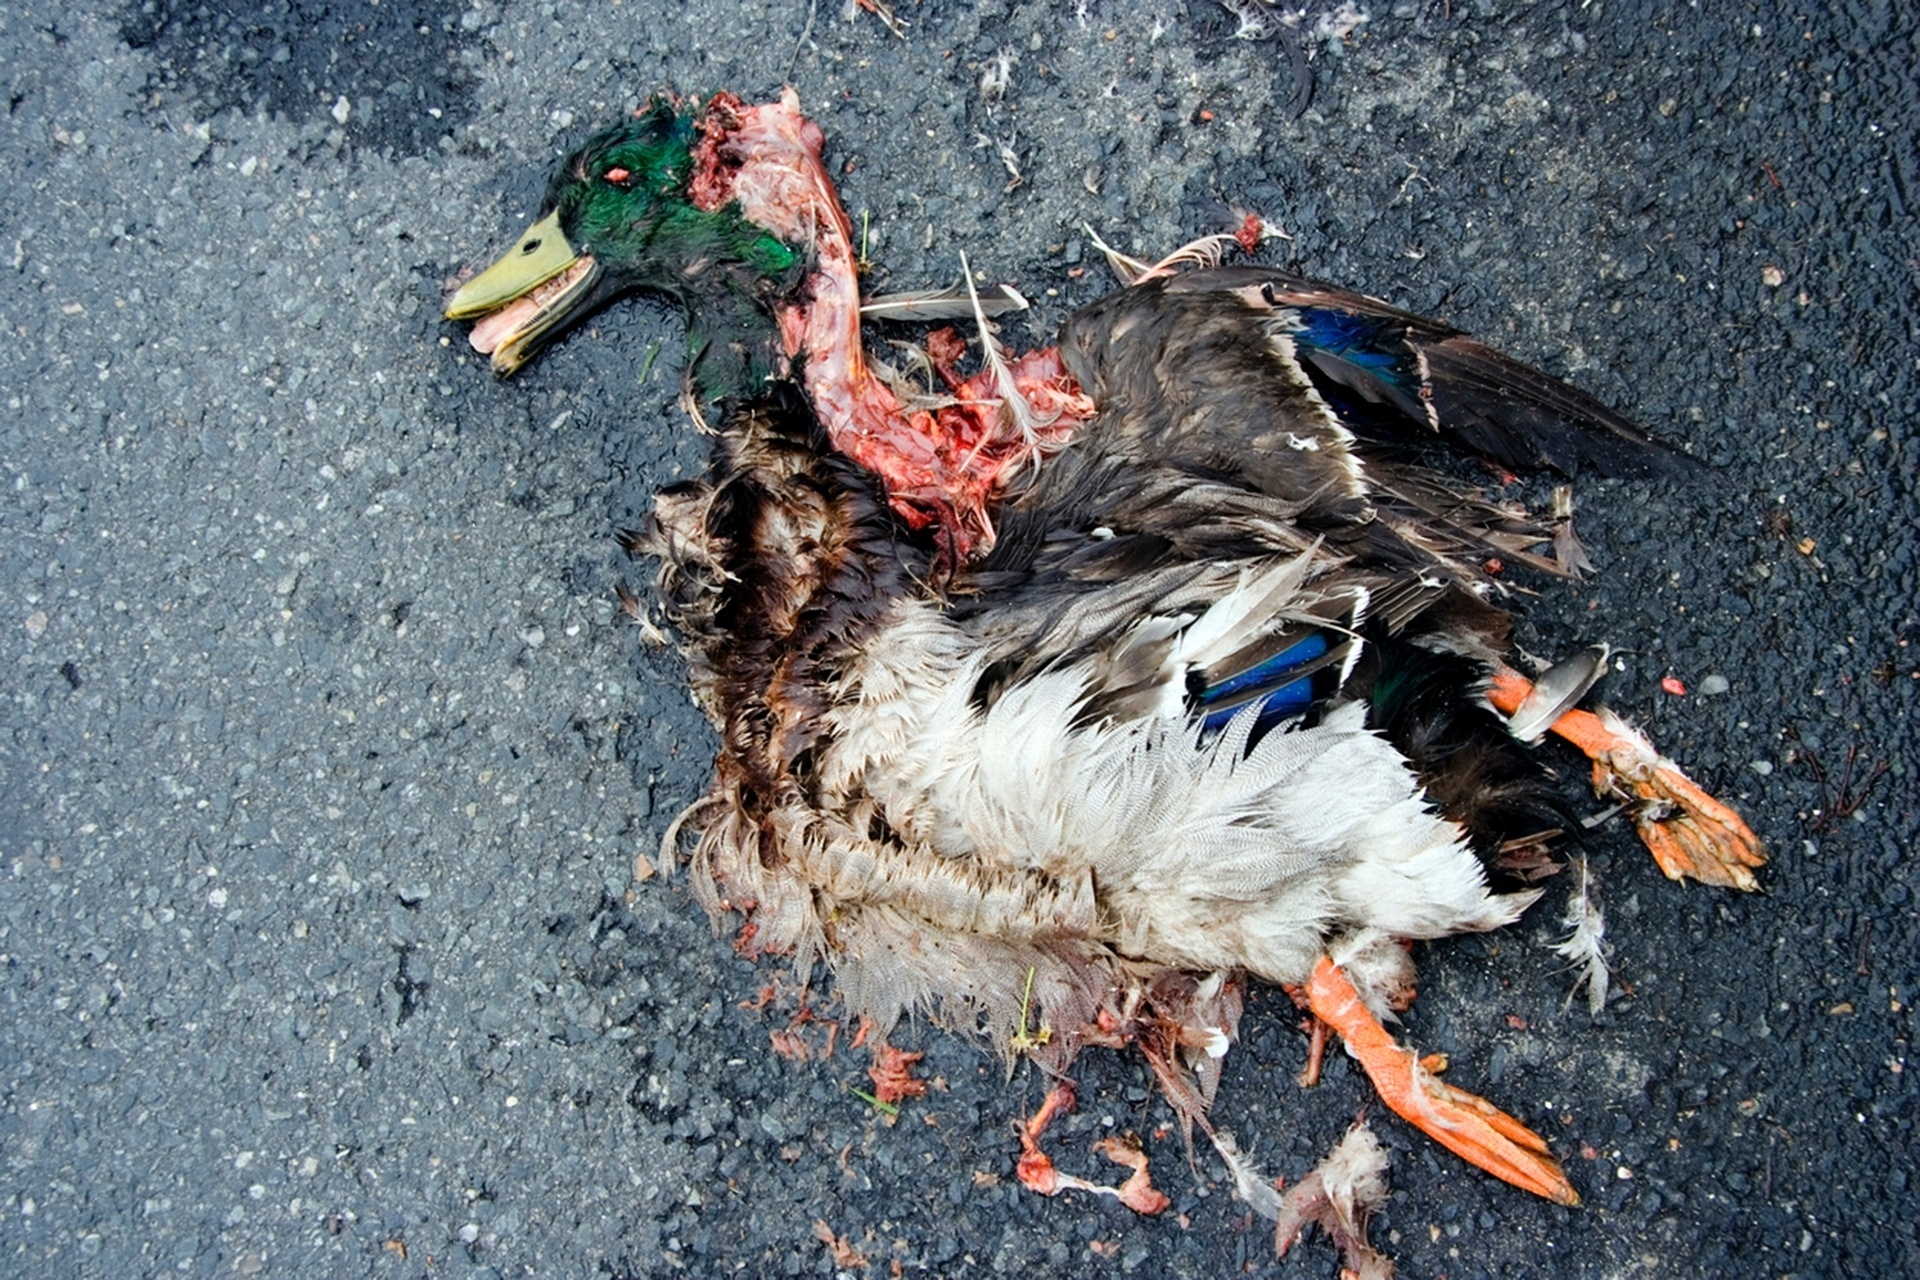 animal atropelado; estrado; trânsito; acidente; animais; atropelamento